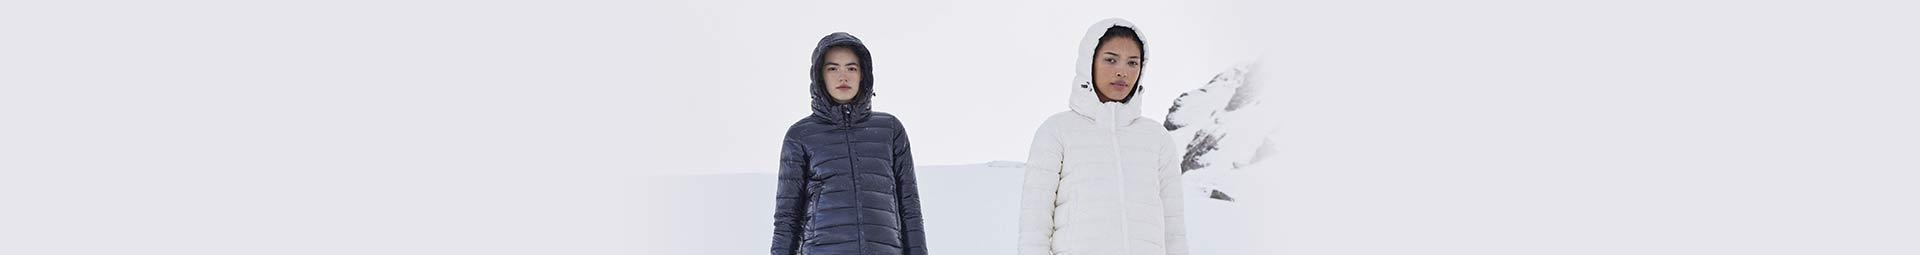 Doudoune, parka, manteau pour femme | Pyrenex, marque de vêtement outdoor